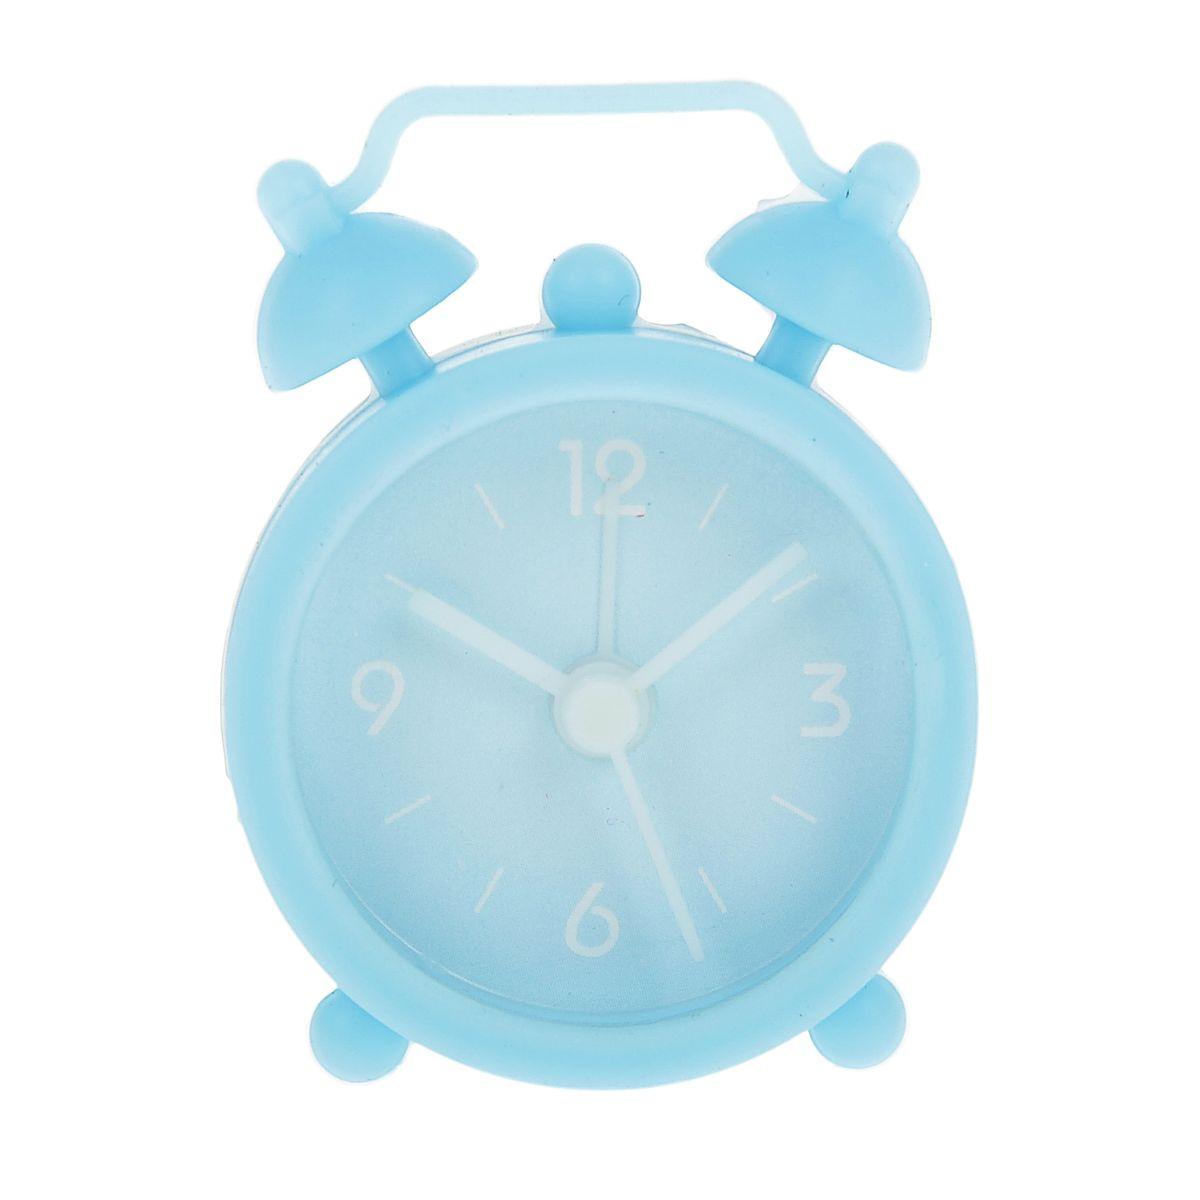 Часы-будильник Sima-land, цвет: голубой. 84094015117061Как же сложно иногда вставать вовремя! Всегда так хочется поспать еще хотя бы 5 минут и бывает, что мы просыпаем. Теперь этого не случится! Яркий, оригинальный будильник Sima-land поможет вам всегда вставать в нужное время и успевать везде и всюду. Будильник украсит вашу комнату и приведет в восхищение друзей. Эта уменьшенная версия привычного будильника умещается на ладони и работает так же громко, как и привычные аналоги. Время показывает точно и будит в установленный час. Благодаря мягкому силиконовому корпусу изделие не получит повреждений даже при падении. На задней панели будильника расположены переключатель включения/выключения механизма, а также два колесика для настройки текущего времени и времени звонка будильника.Будильник работает от 1 батарейки типа LR44 (входит в комплект).